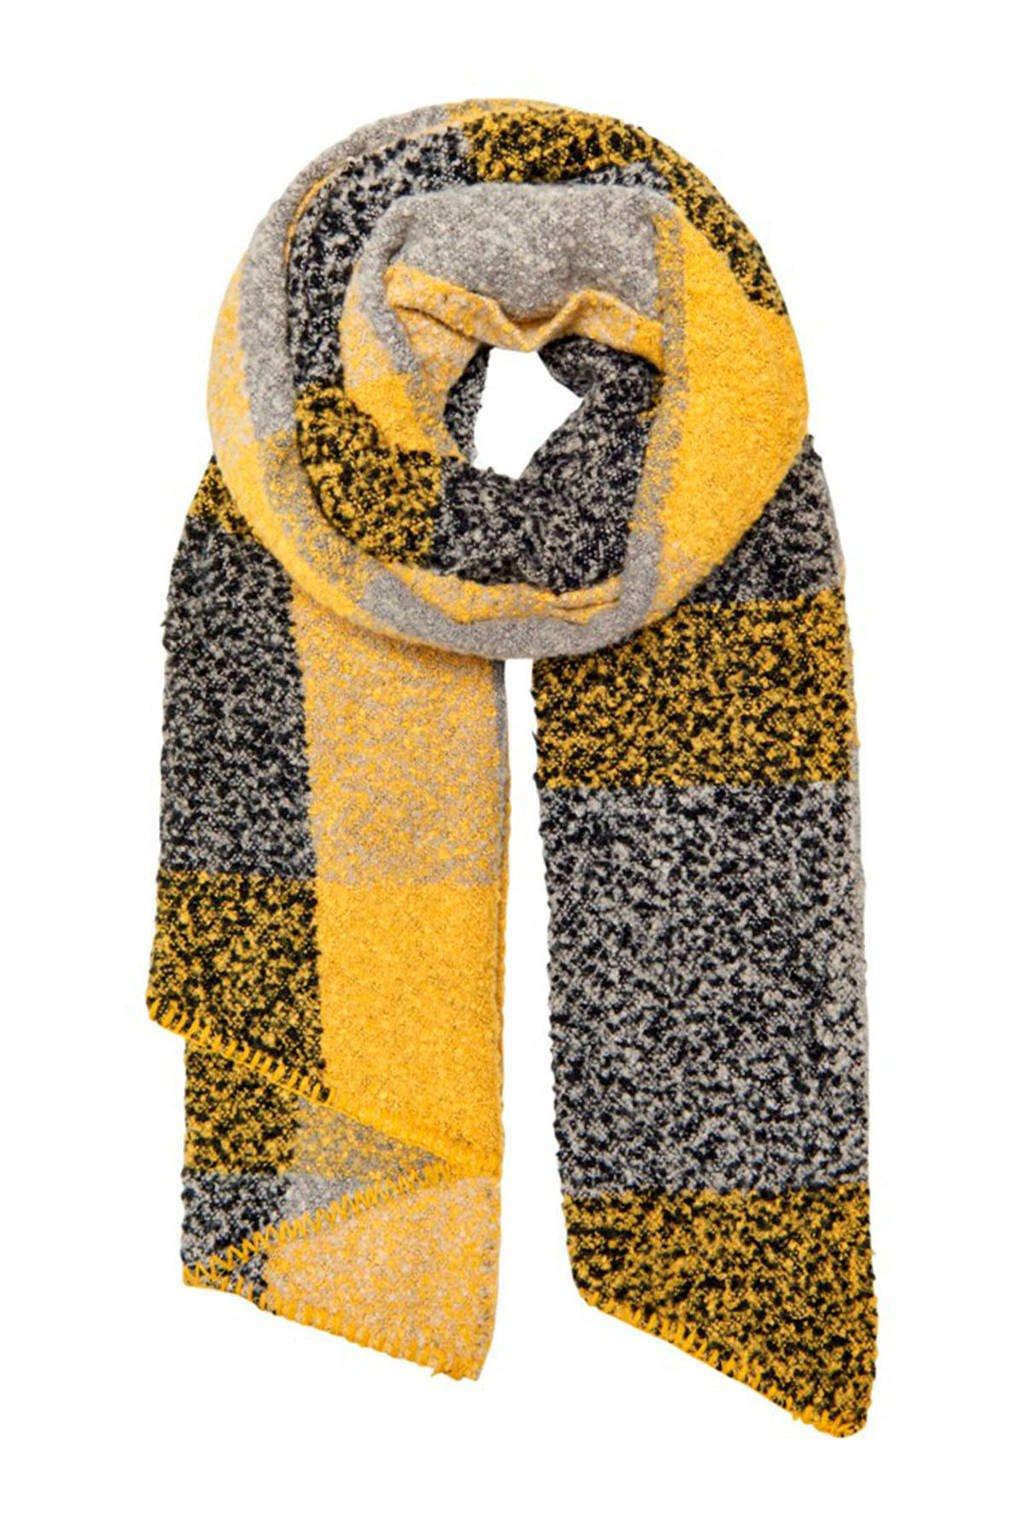 ONLY gemeléerde sjaal geel, Geel/Grijs/Zwart